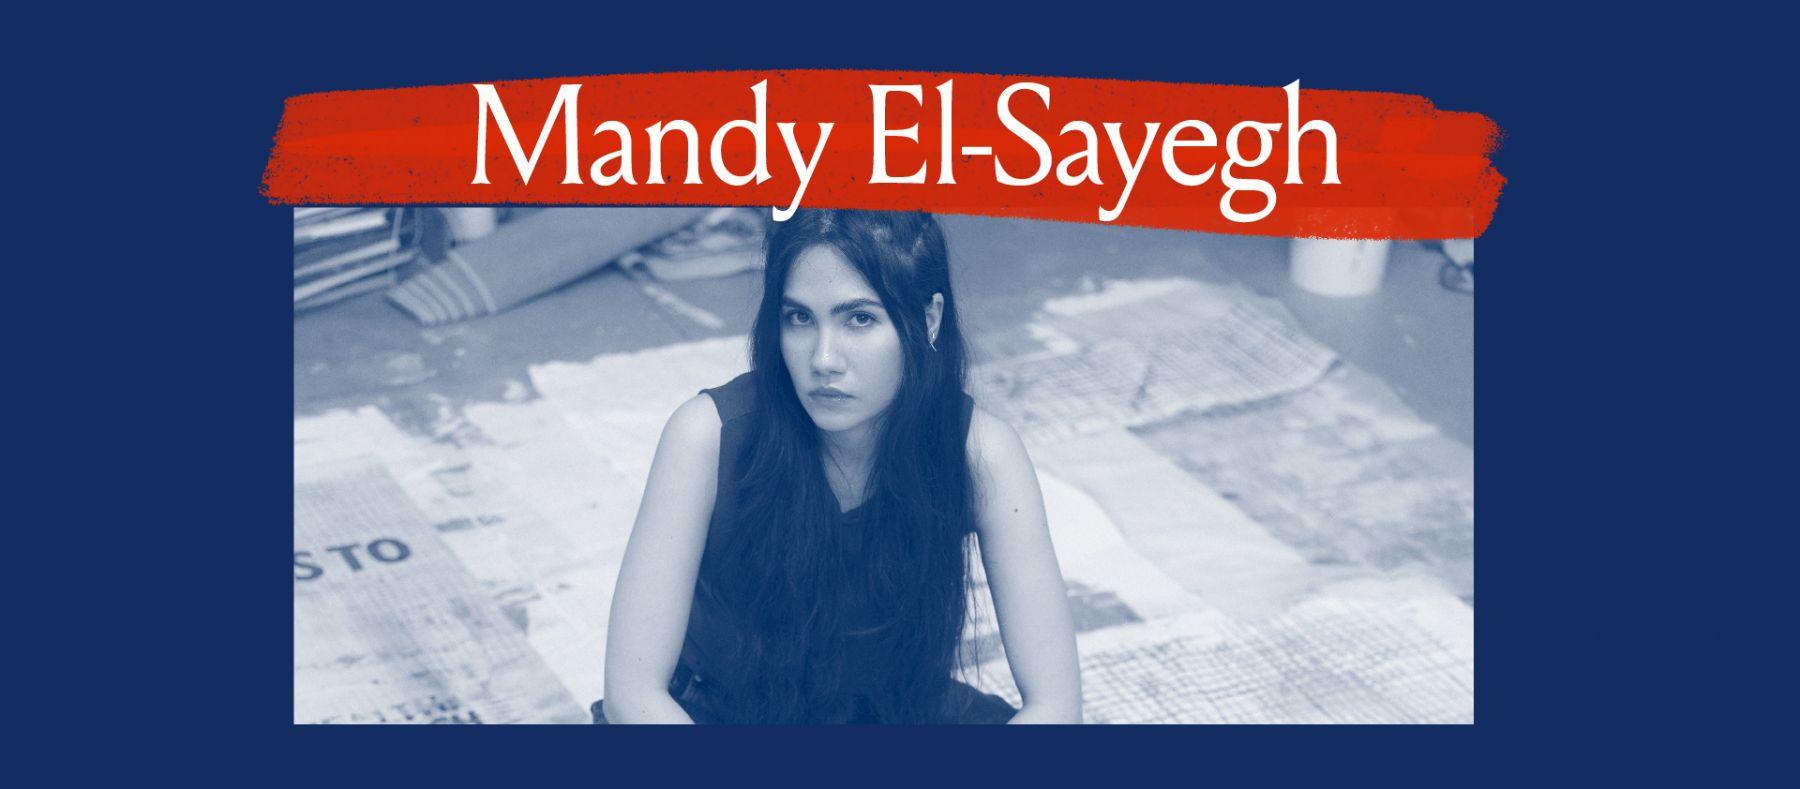 Mandy El-Sayegh Portrait Banner